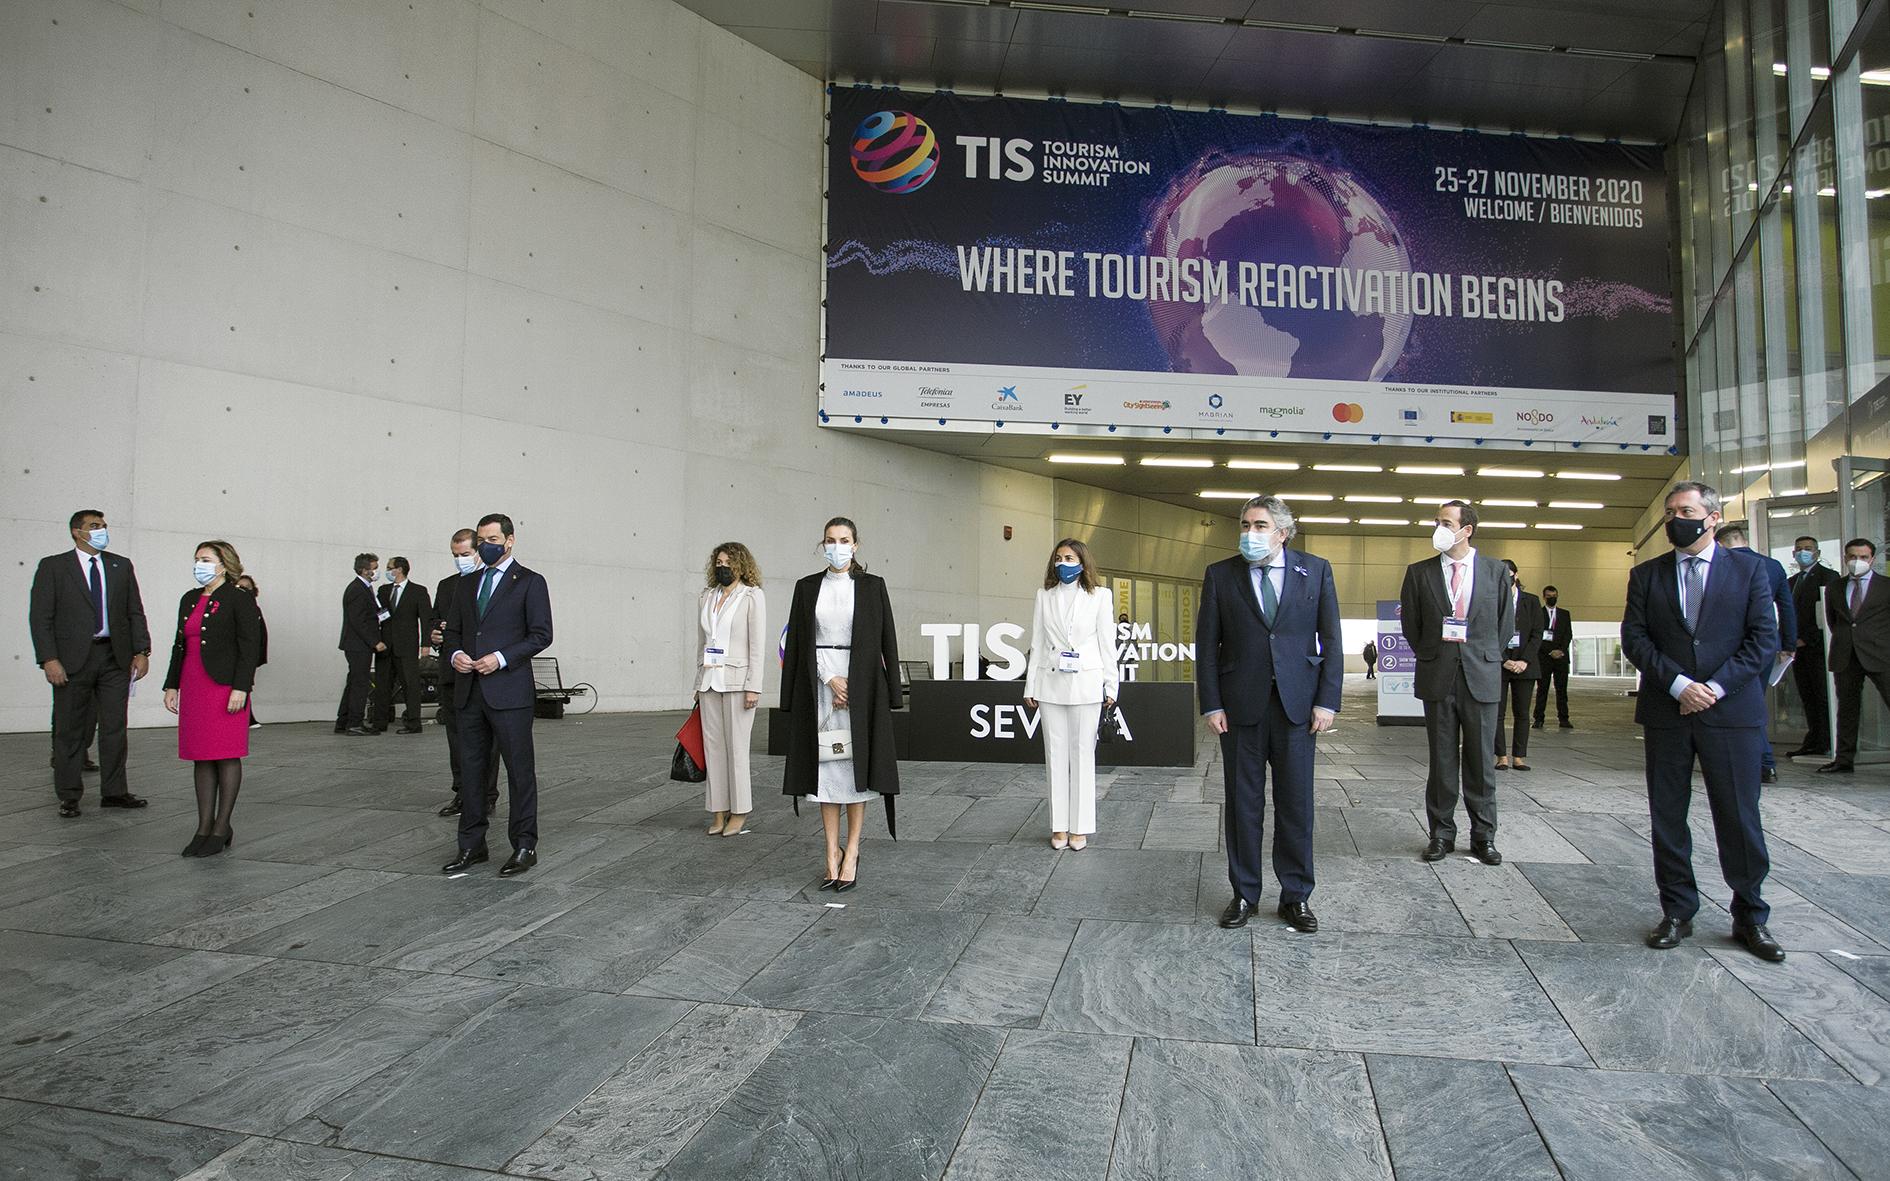 Líderes del sector turístico apuestan por una acción coordinada de todos los gobiernos y empresas para la recuperación del turismo